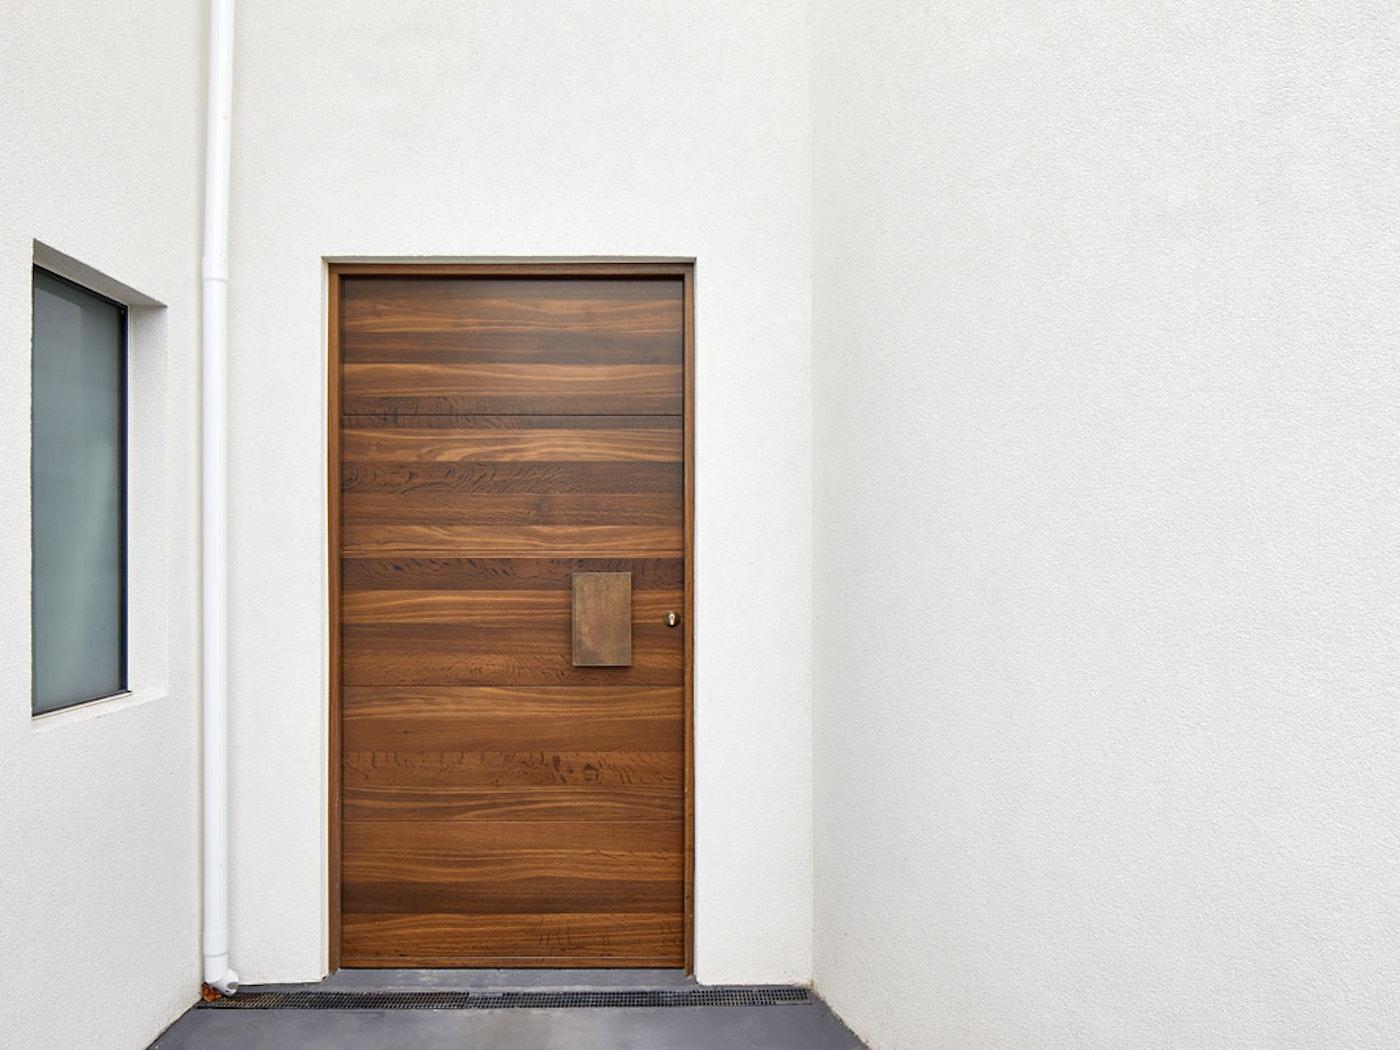 Fumed wood | Bronze handle option: BZ1 | Parma front door